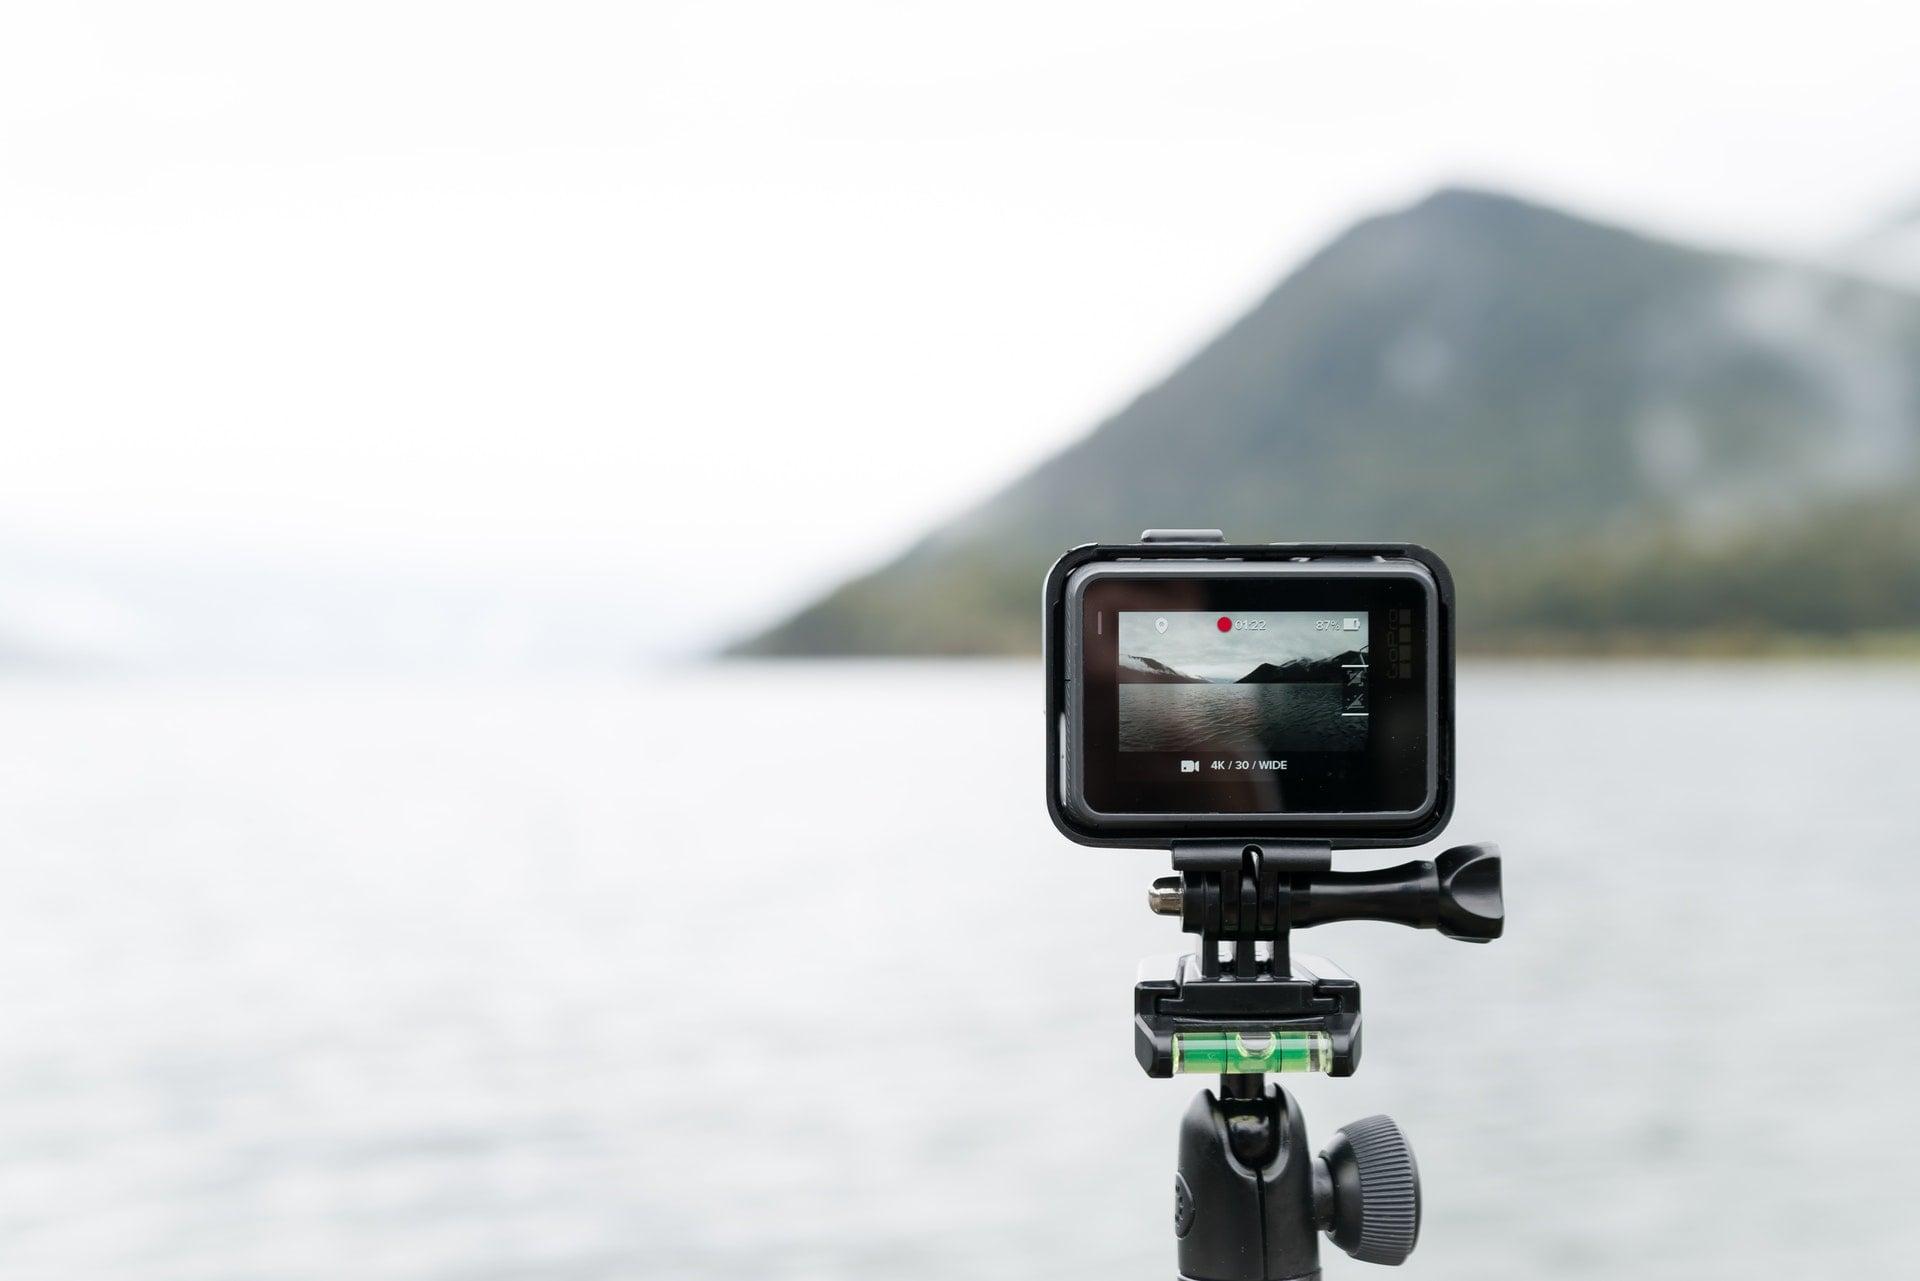 GoPro River Mountain Landscape Tripod Video Record 20180503 購買空拍機(無人機)需要的軟硬體細節和重點(以DJI大疆和GoPro Karma為例)